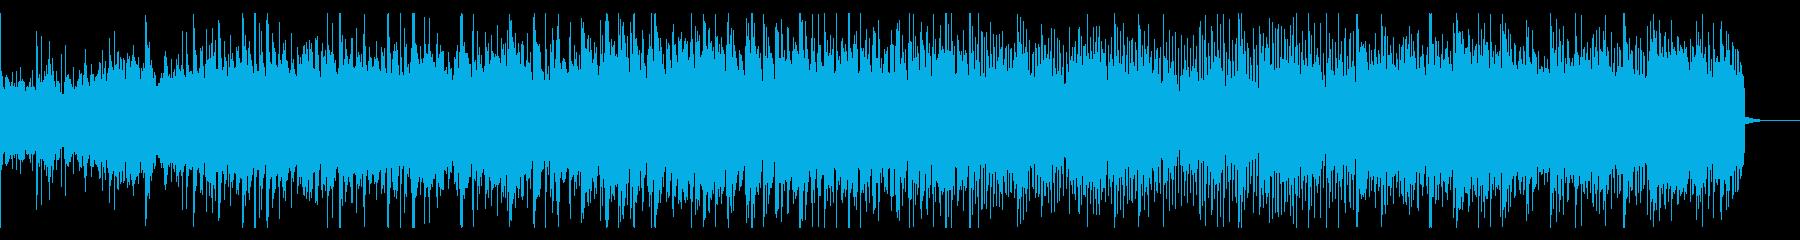 ダークで変化の少ないハウスの再生済みの波形